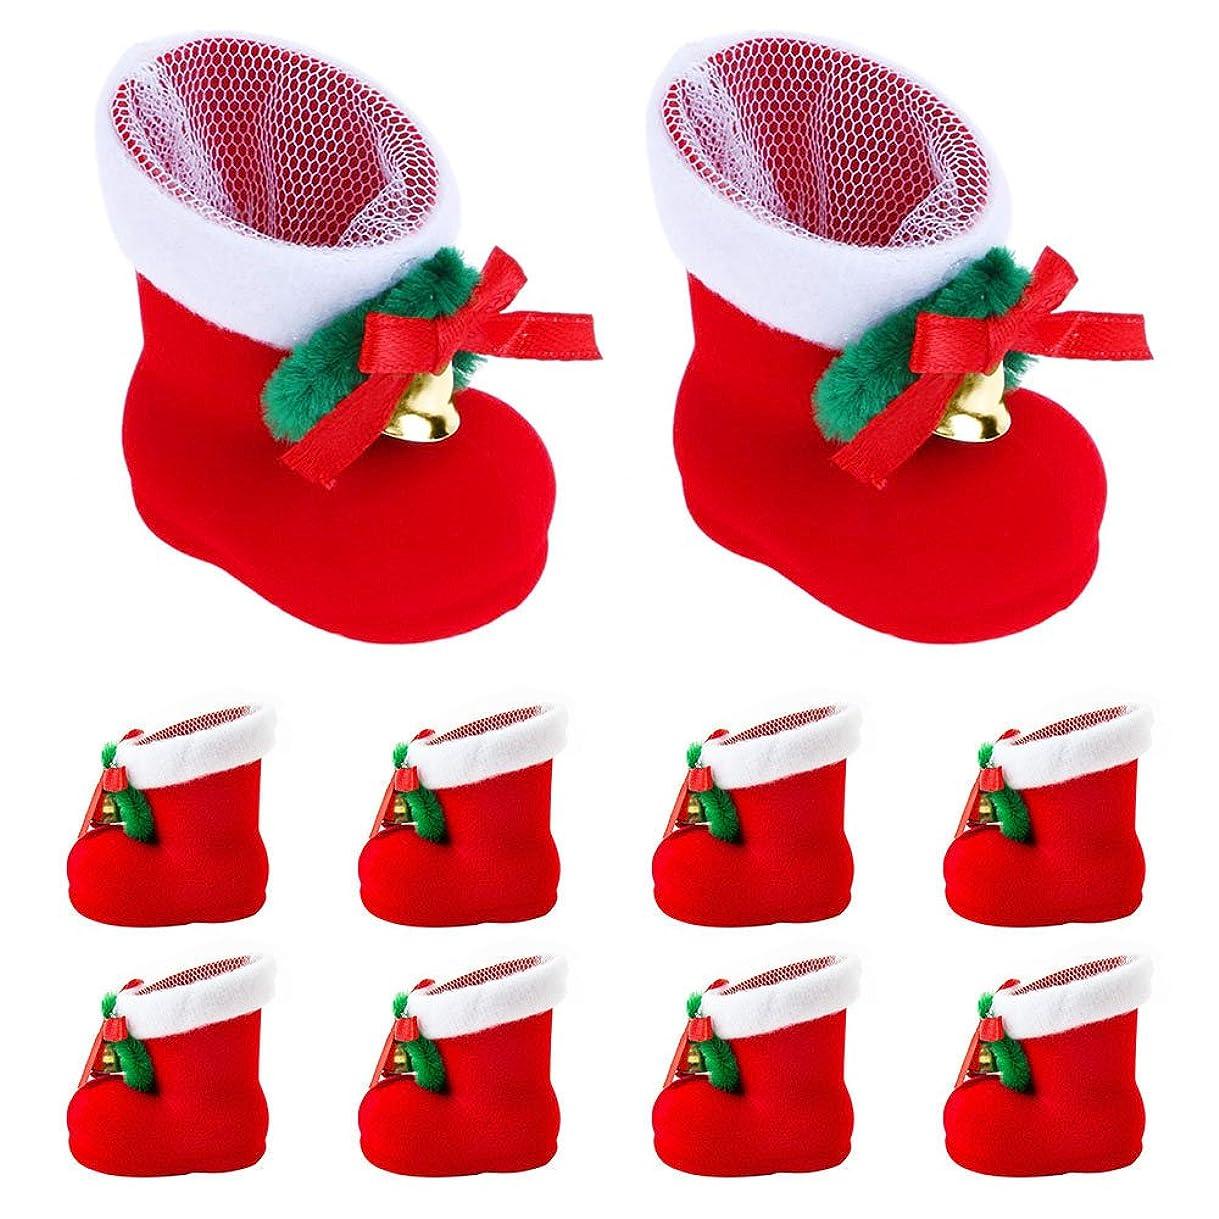 蓮すばらしいですラウンジクリスマスブーツ お菓子入り 10個セット 長靴 サンタブーツ キャンディ靴 お菓子 クリスマスブーツ お菓子入り 10個セット 長靴 サンタブーツ キャンディ靴 お菓子 子供 かわいい レッド